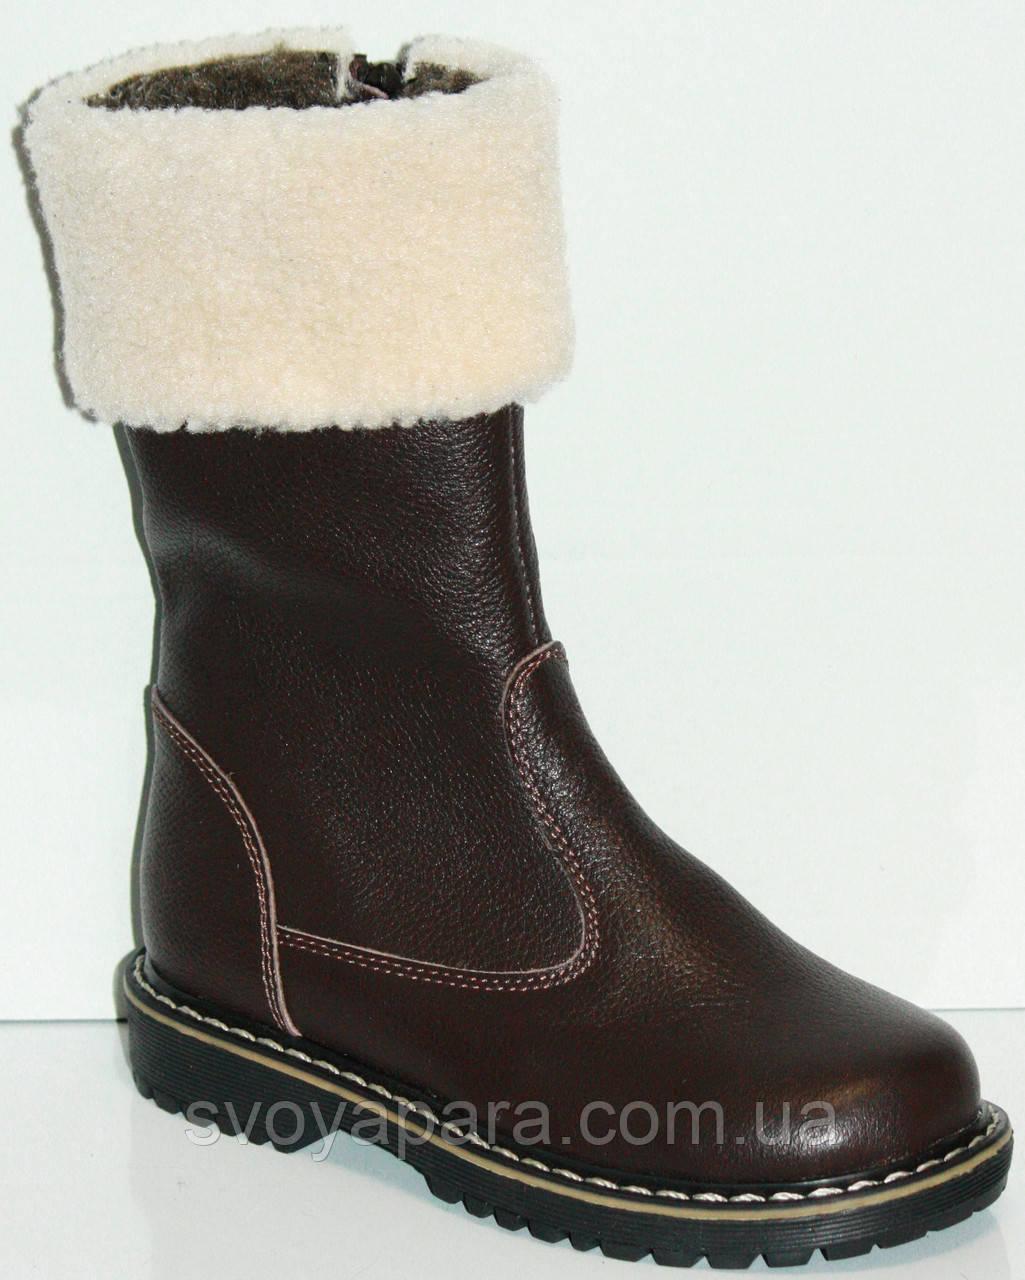 Сапоги зимние для девочек коричневые кожаные (0047)